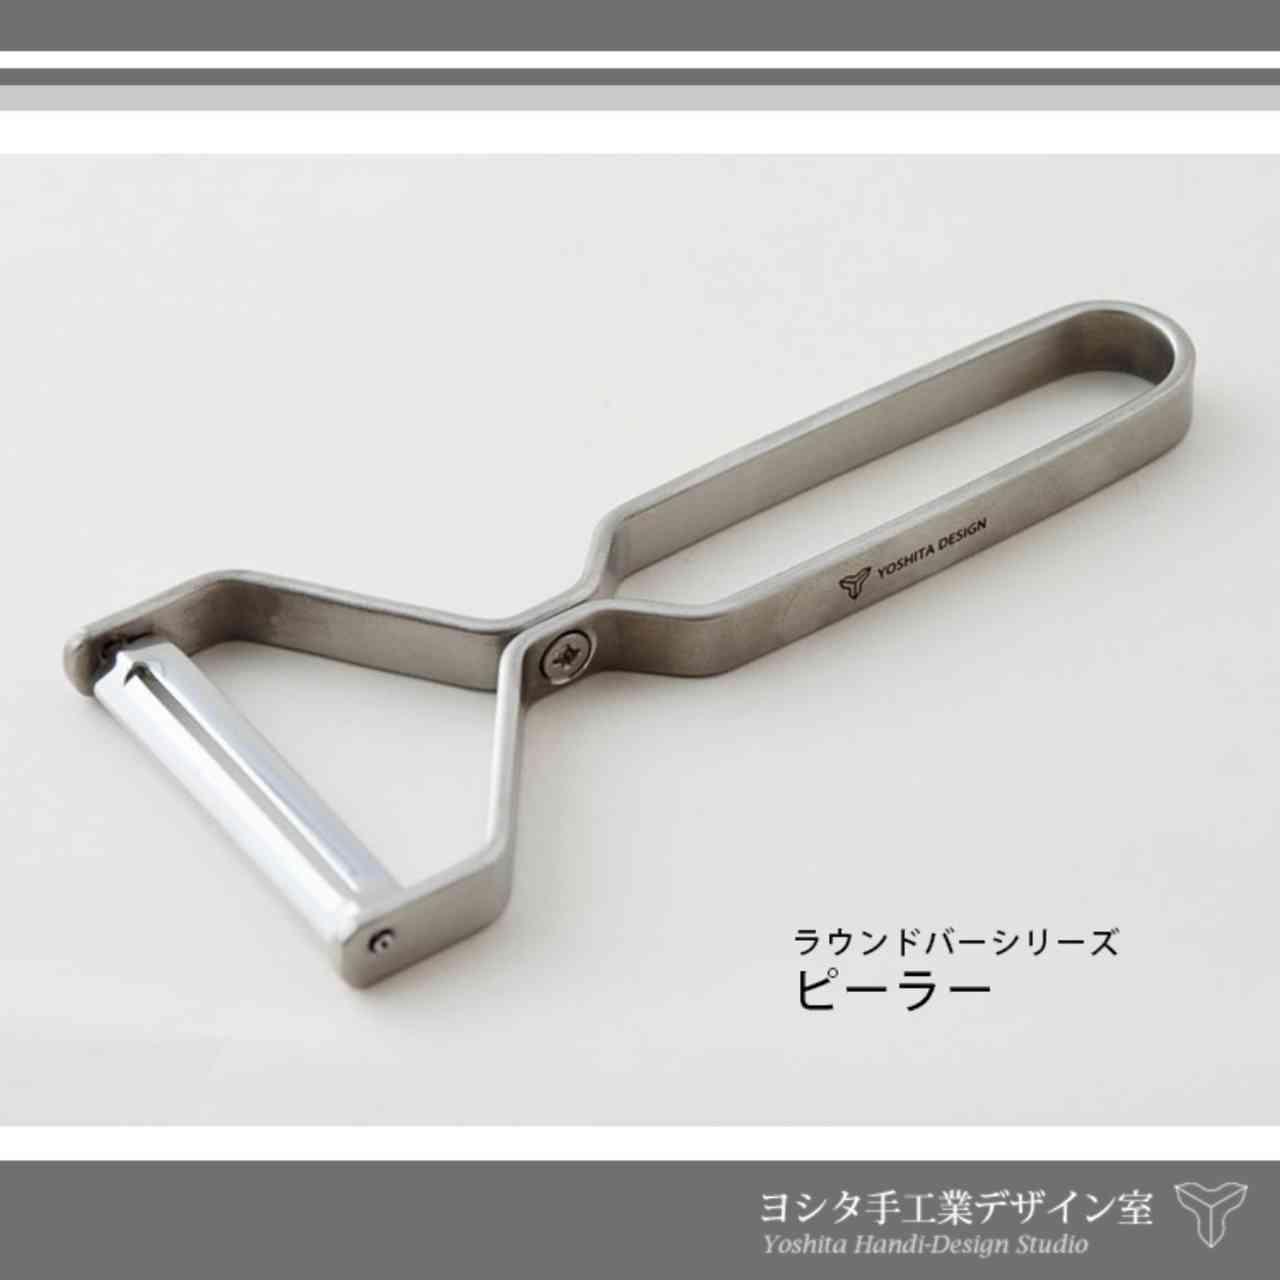 ピーラー ラウンドバーシリーズ / ヨシタ手工業デザイン室